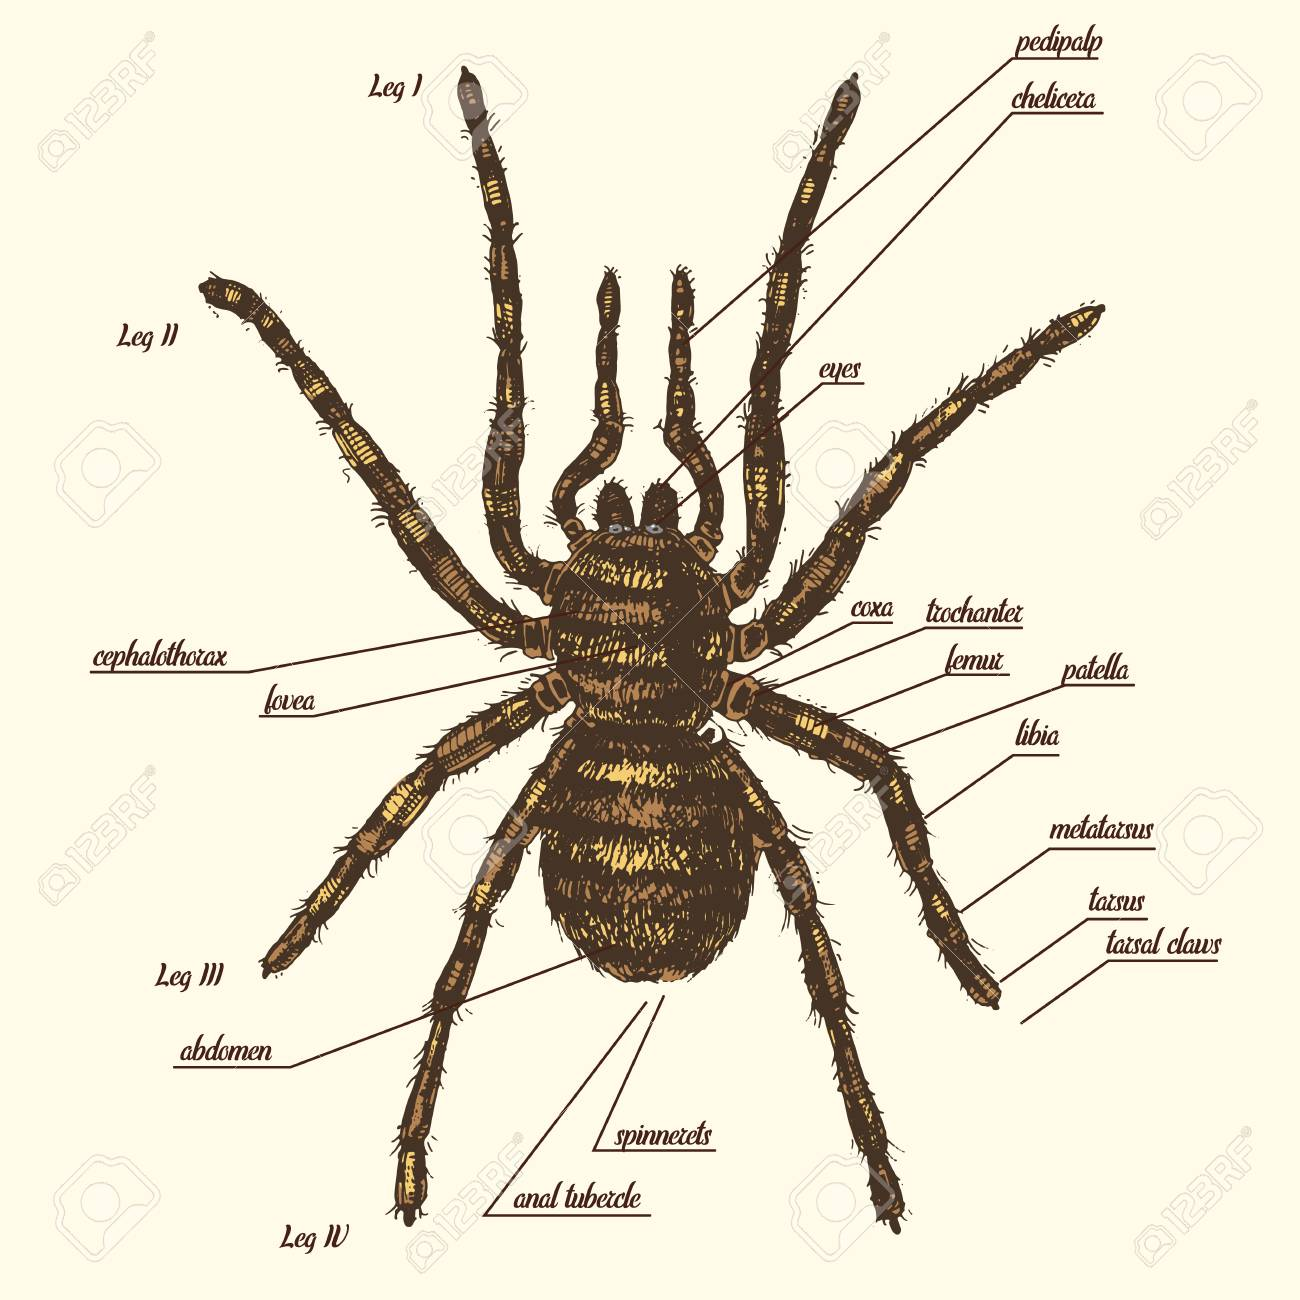 Illustration Einer Spinnenanatomie Schließen Den Ganzen Namen Von ...